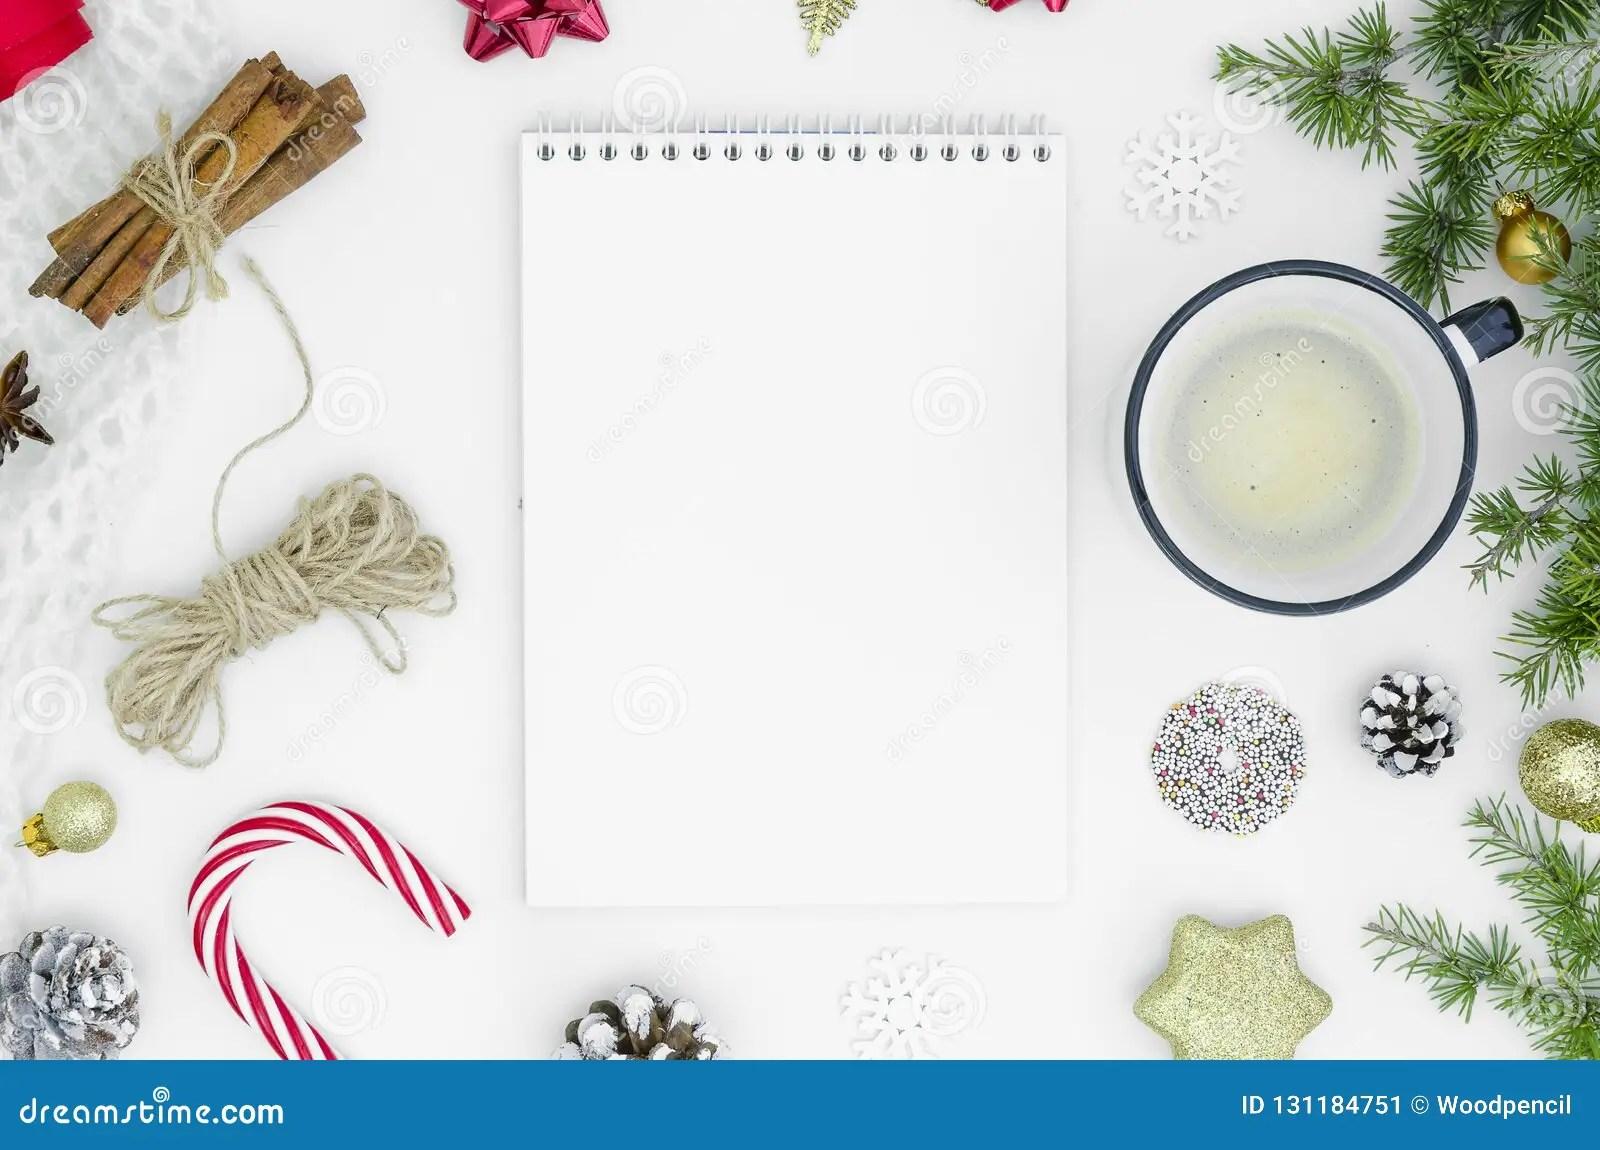 Christmas Gifts 2019 To Make